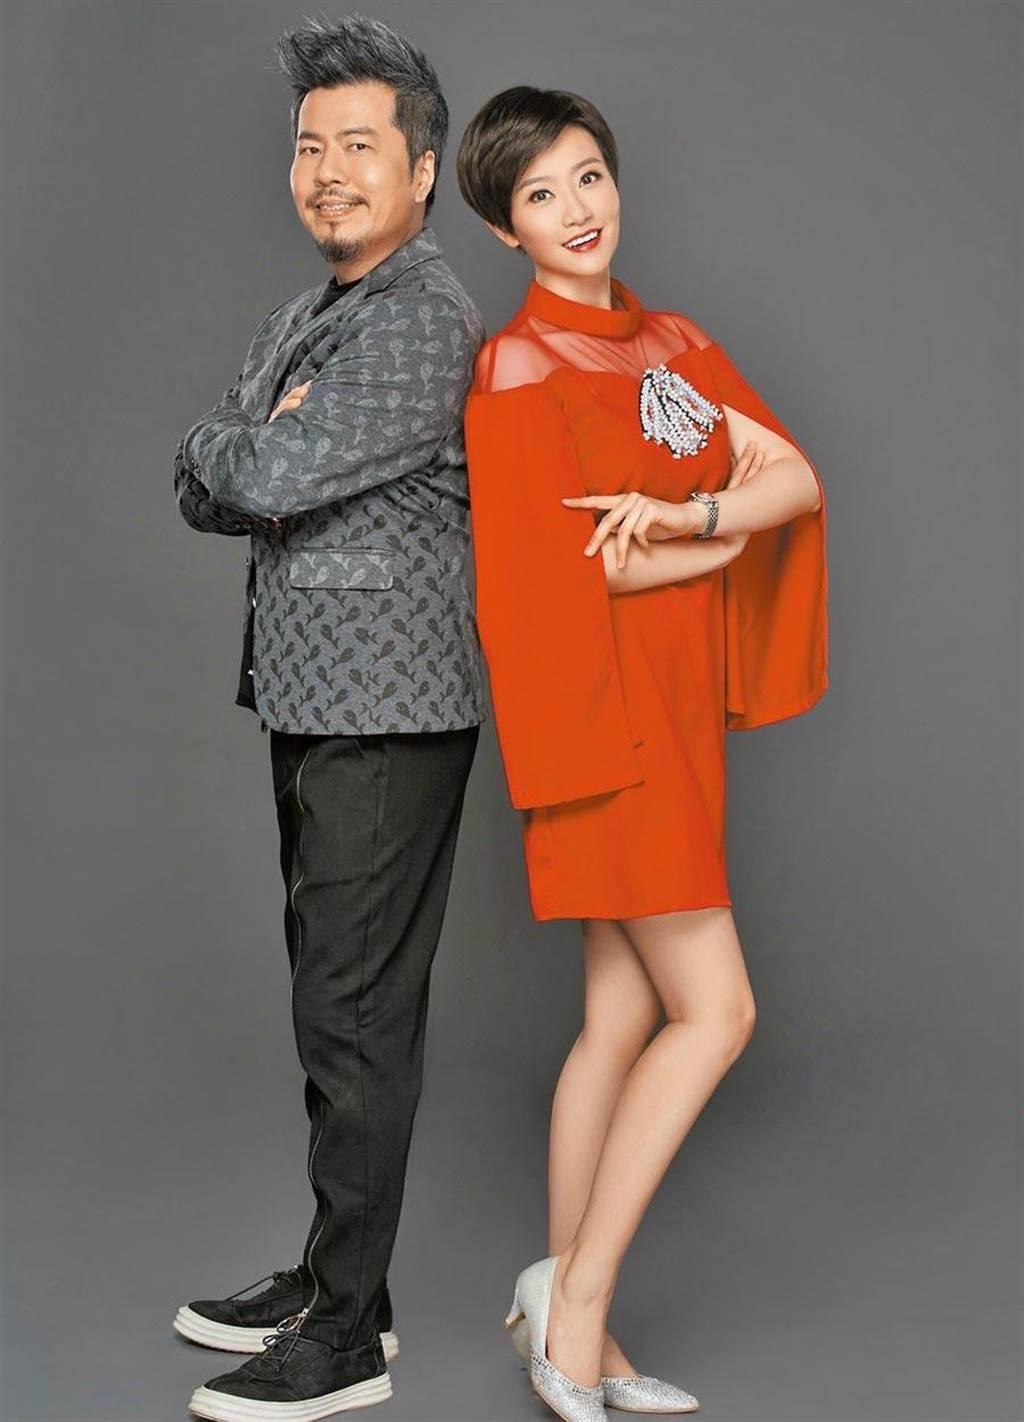 寇乃馨與黃國倫在大陸的演藝事業經營得有聲有色。資料照